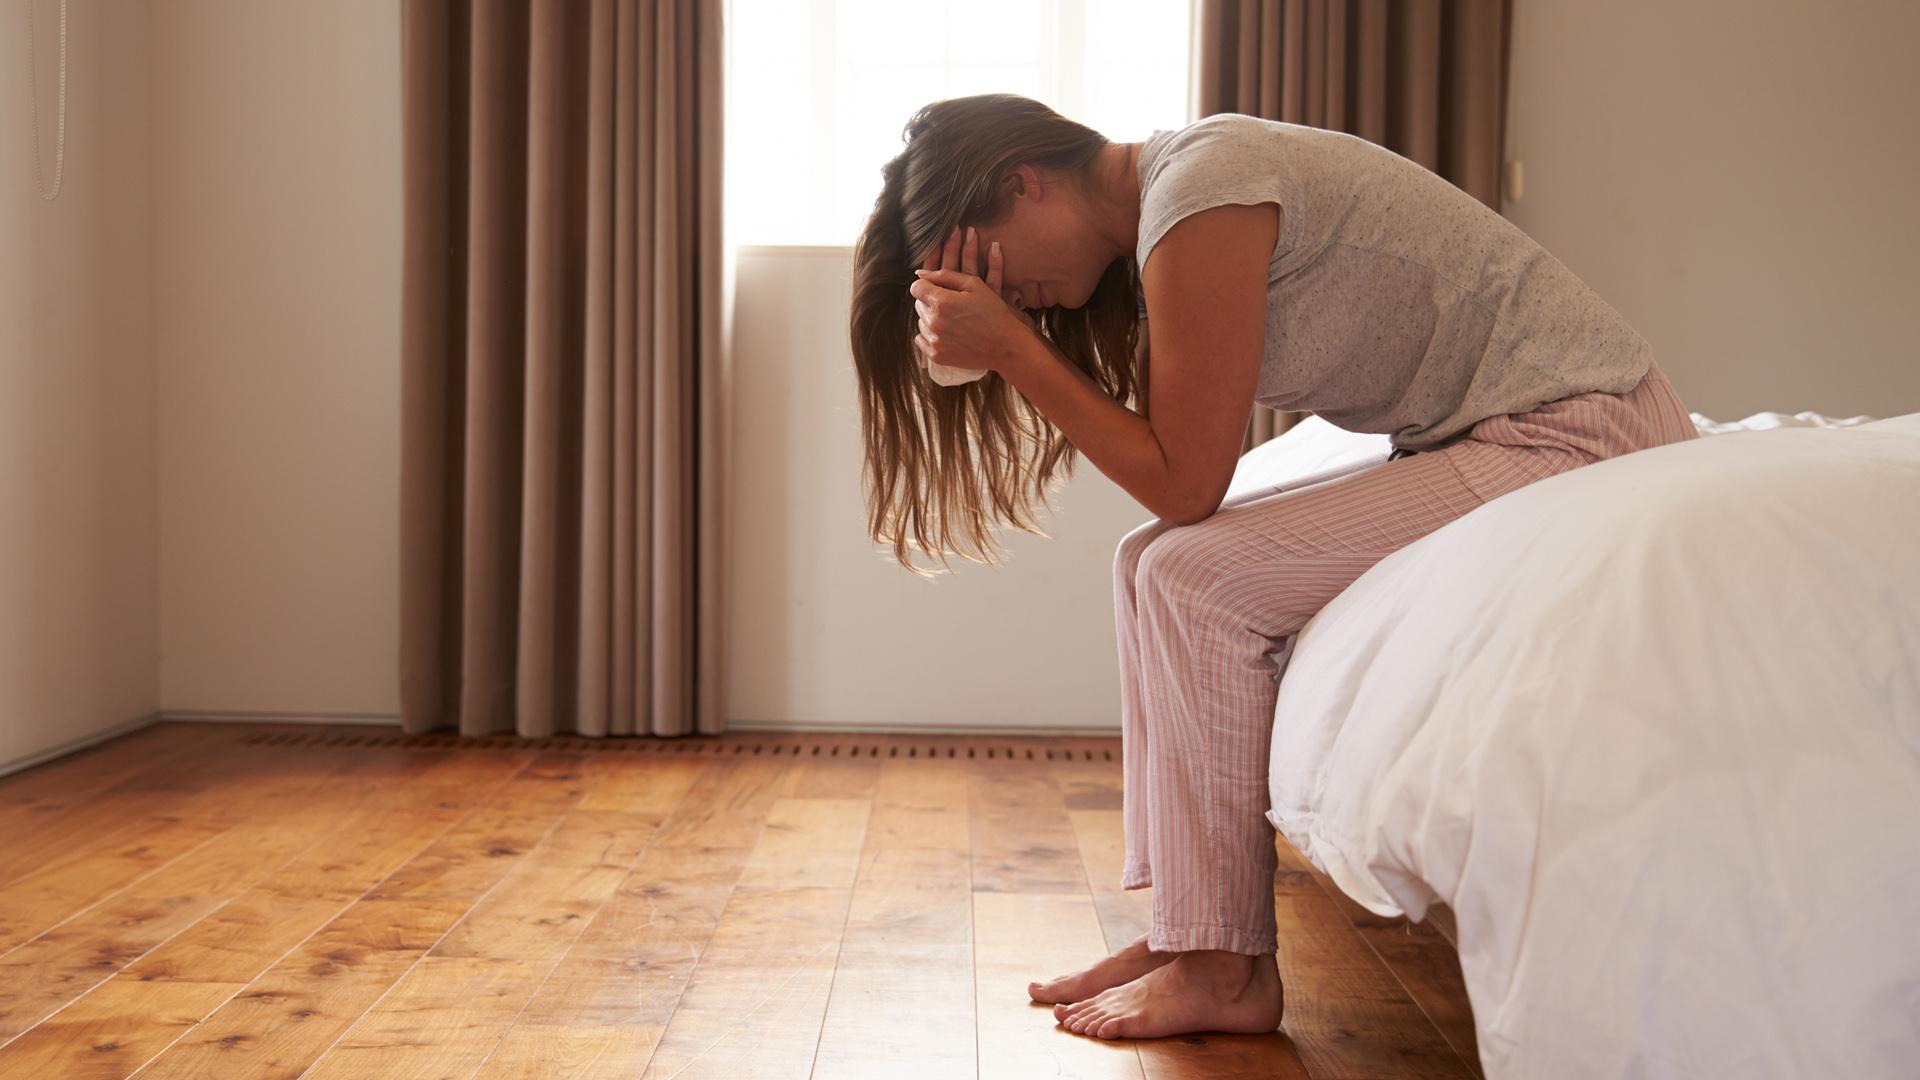 El principal síntoma que tienen los pacientes con apneas obstructivas del sueño es el cansancio diurno crónico (iStock)